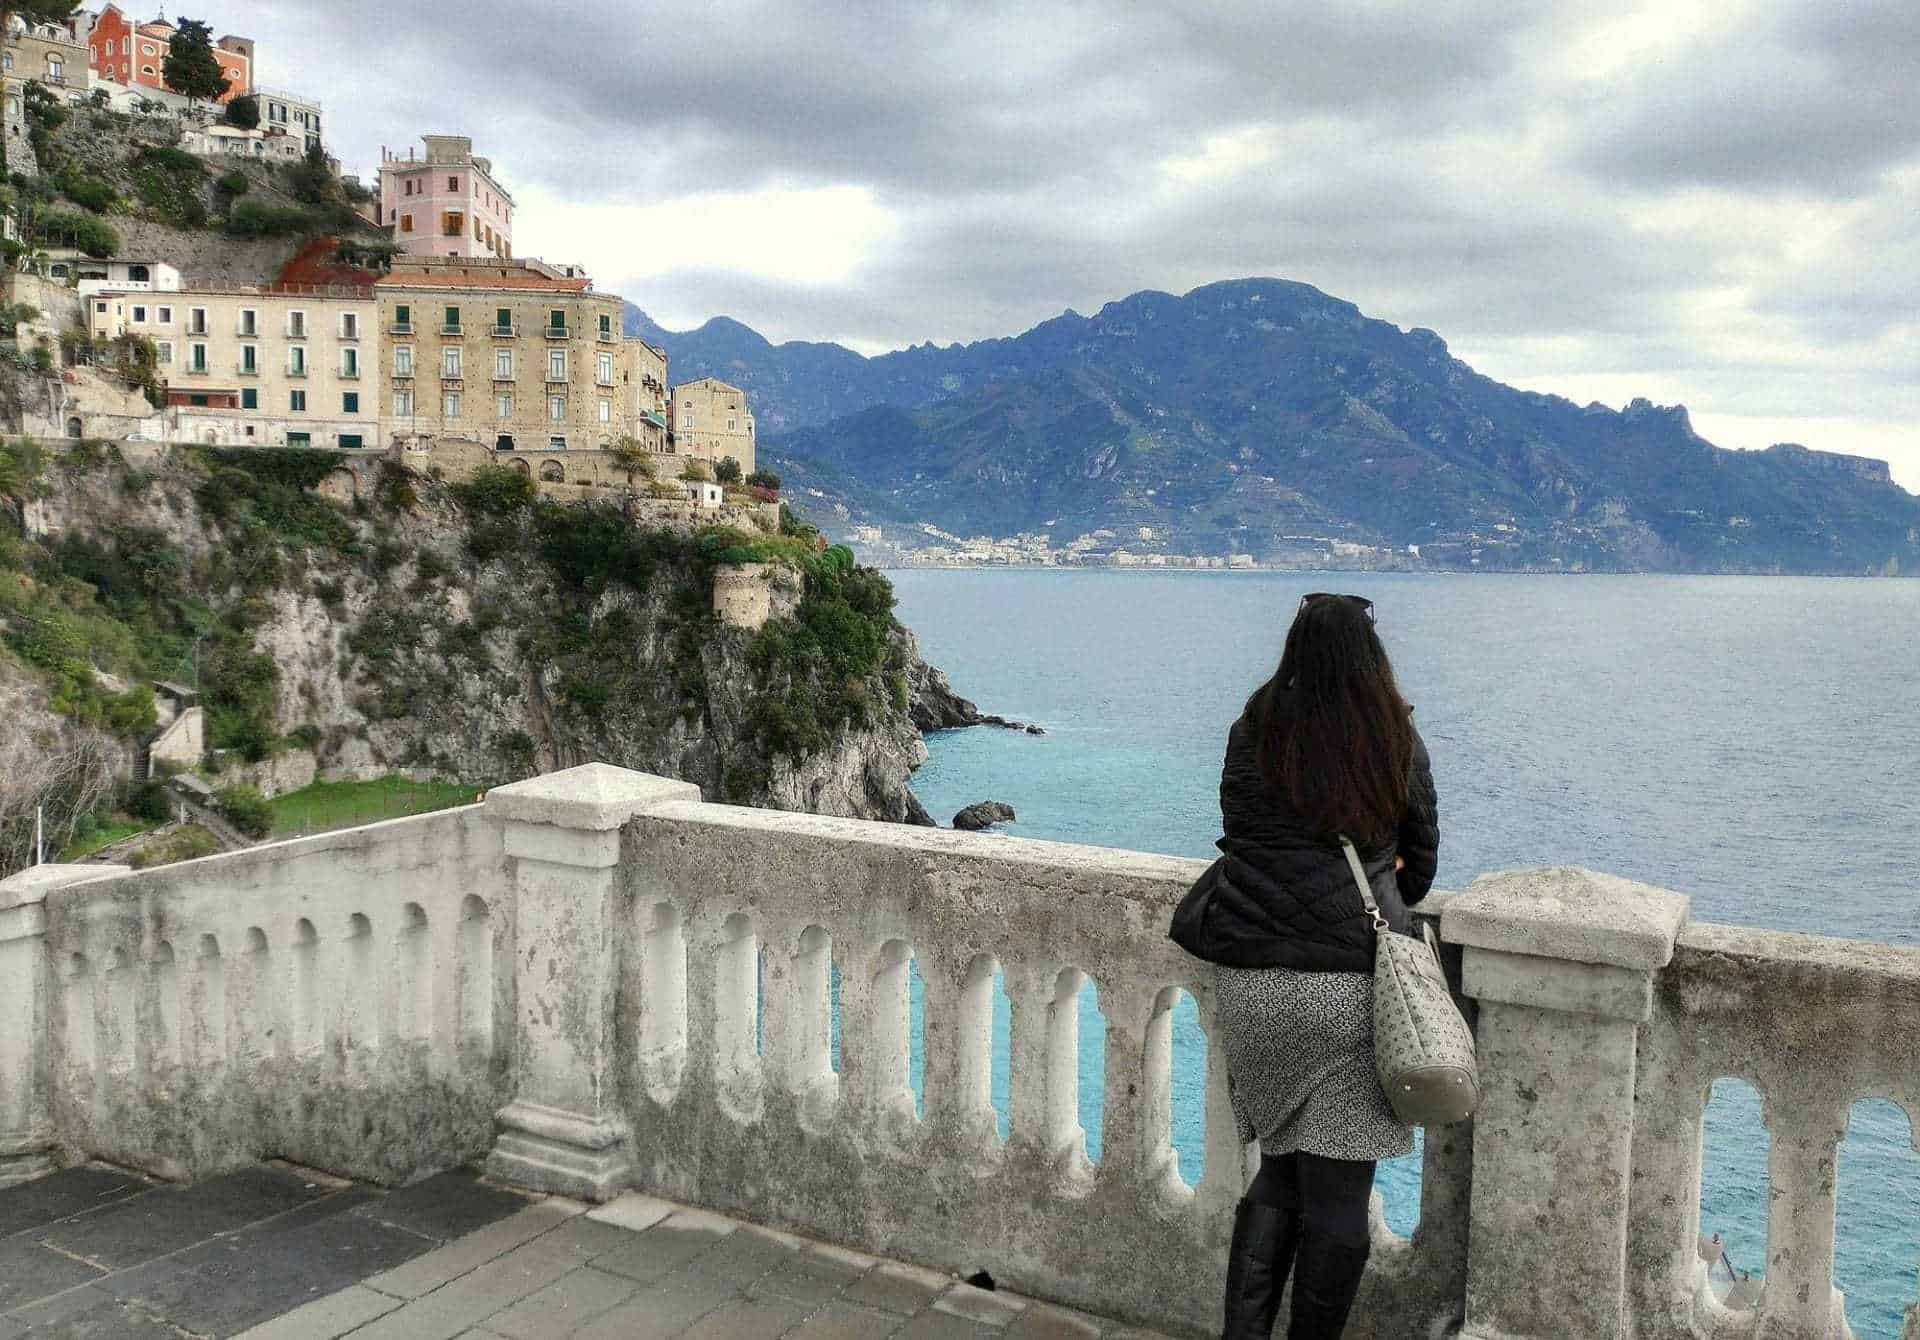 Cosa vedere ad Atrani: la bellezza della Costiera Amalfitana fuori stagione